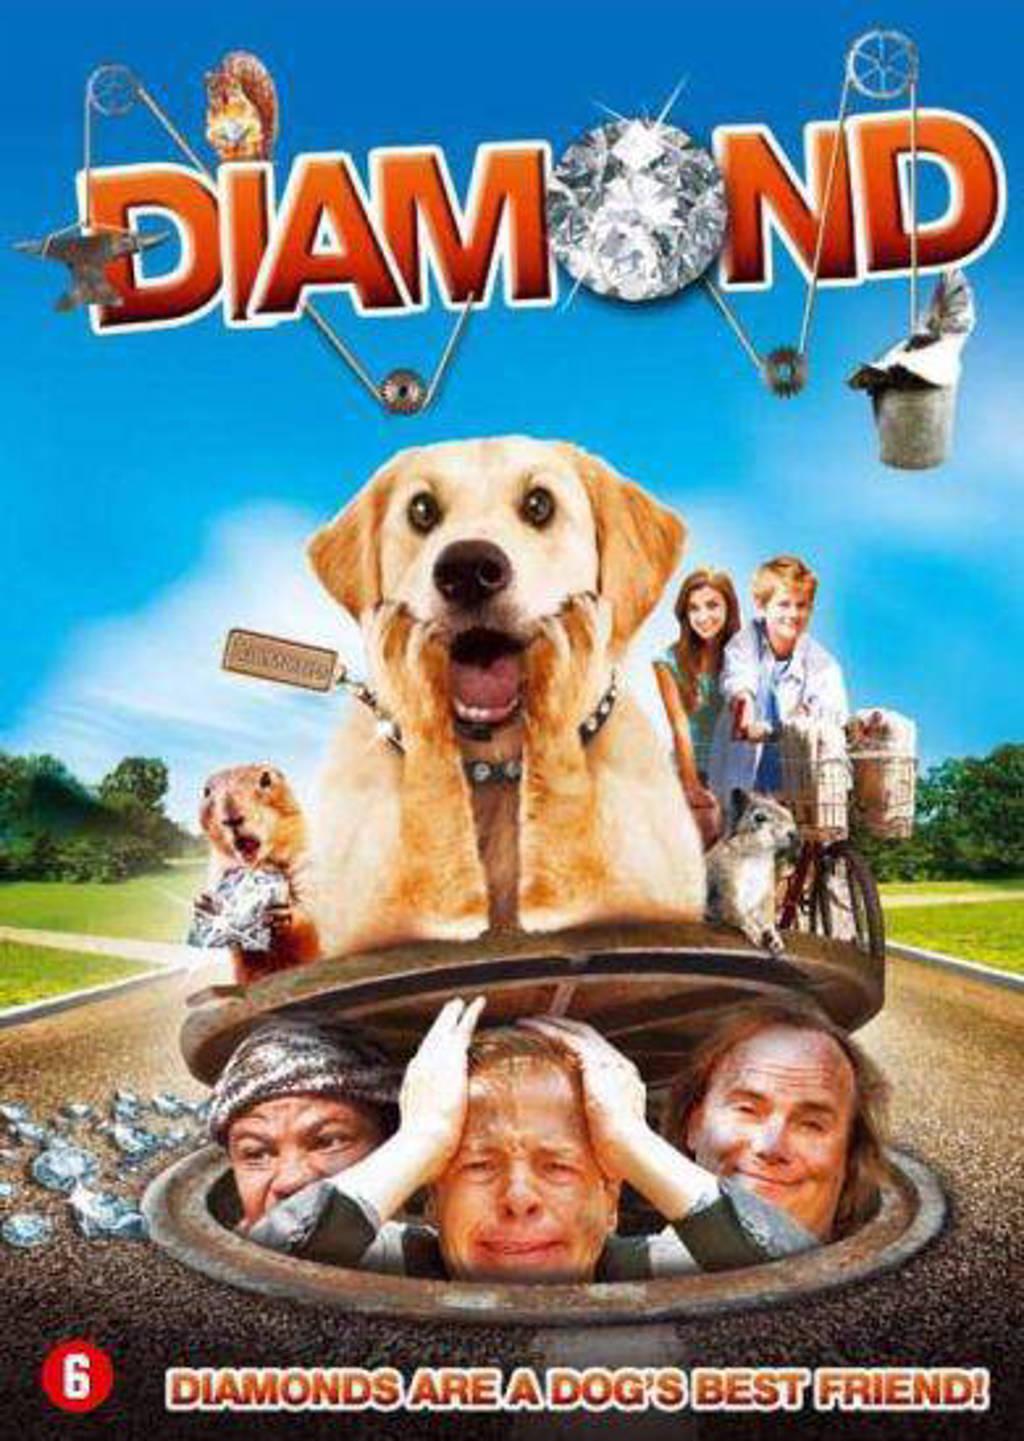 Diamond (DVD)